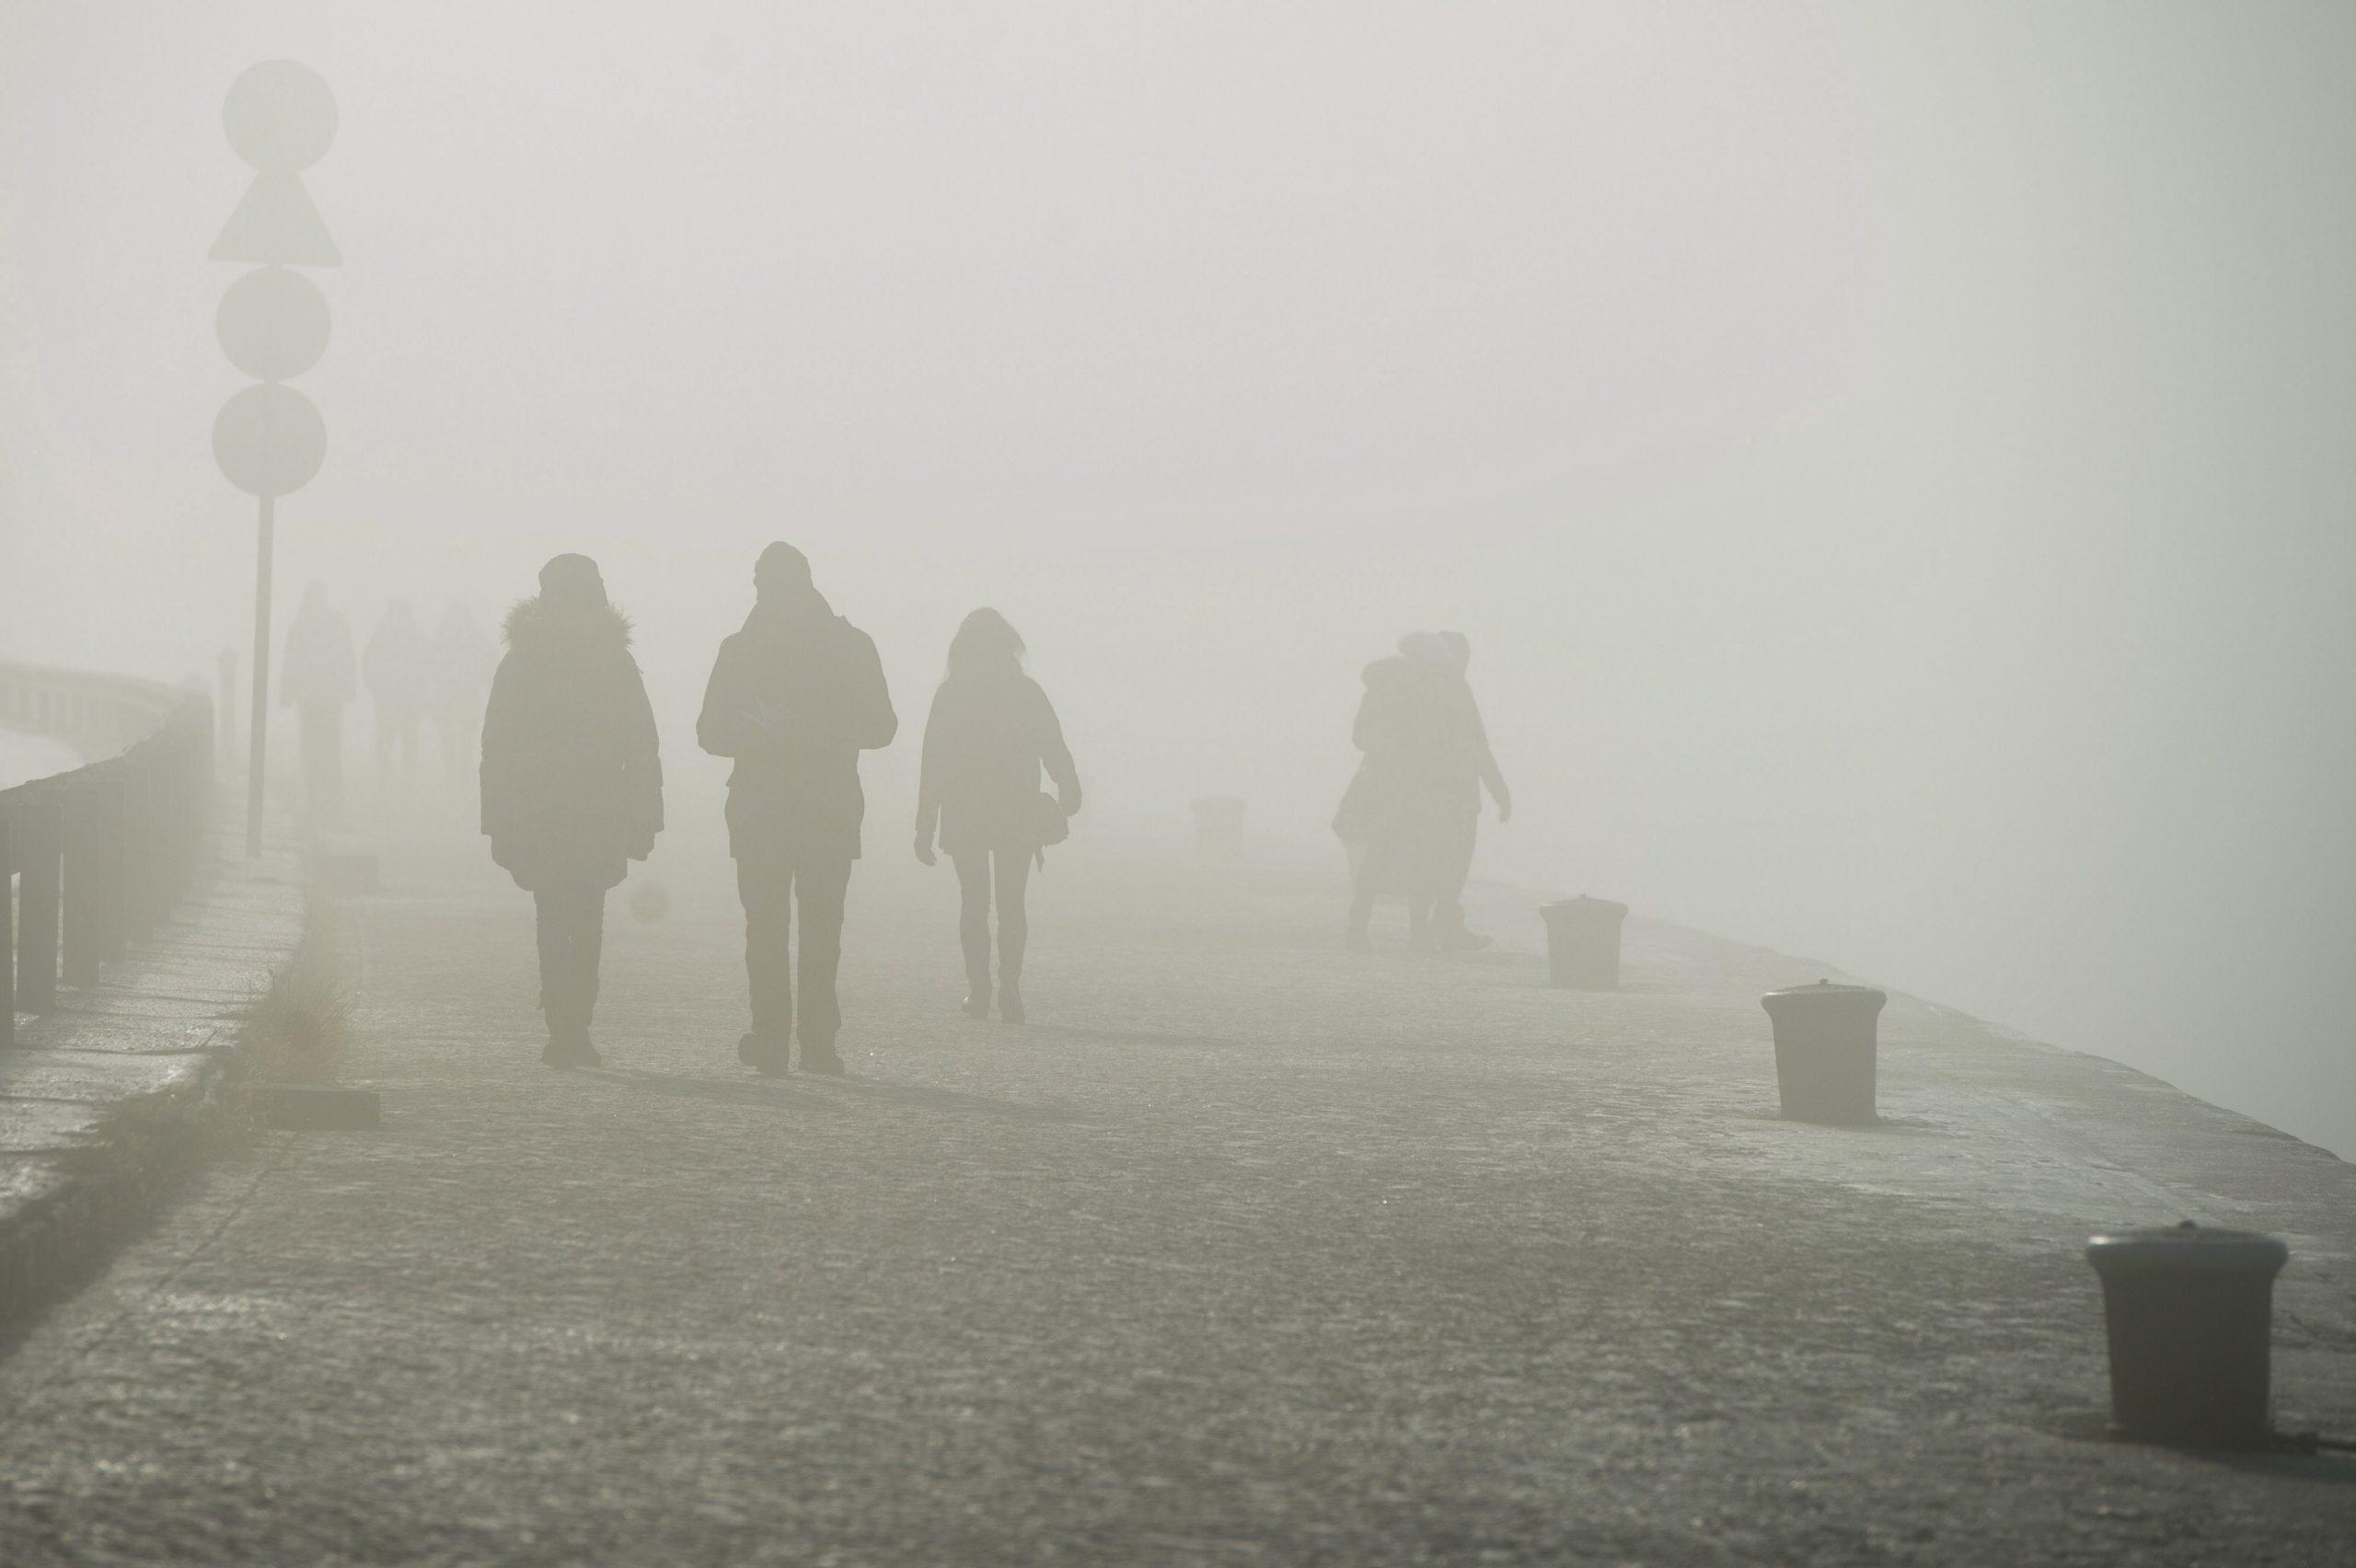 Ein Zehntel der ungarischen Bevölkerung wird voraussichtlich bis 2050 verschwinden